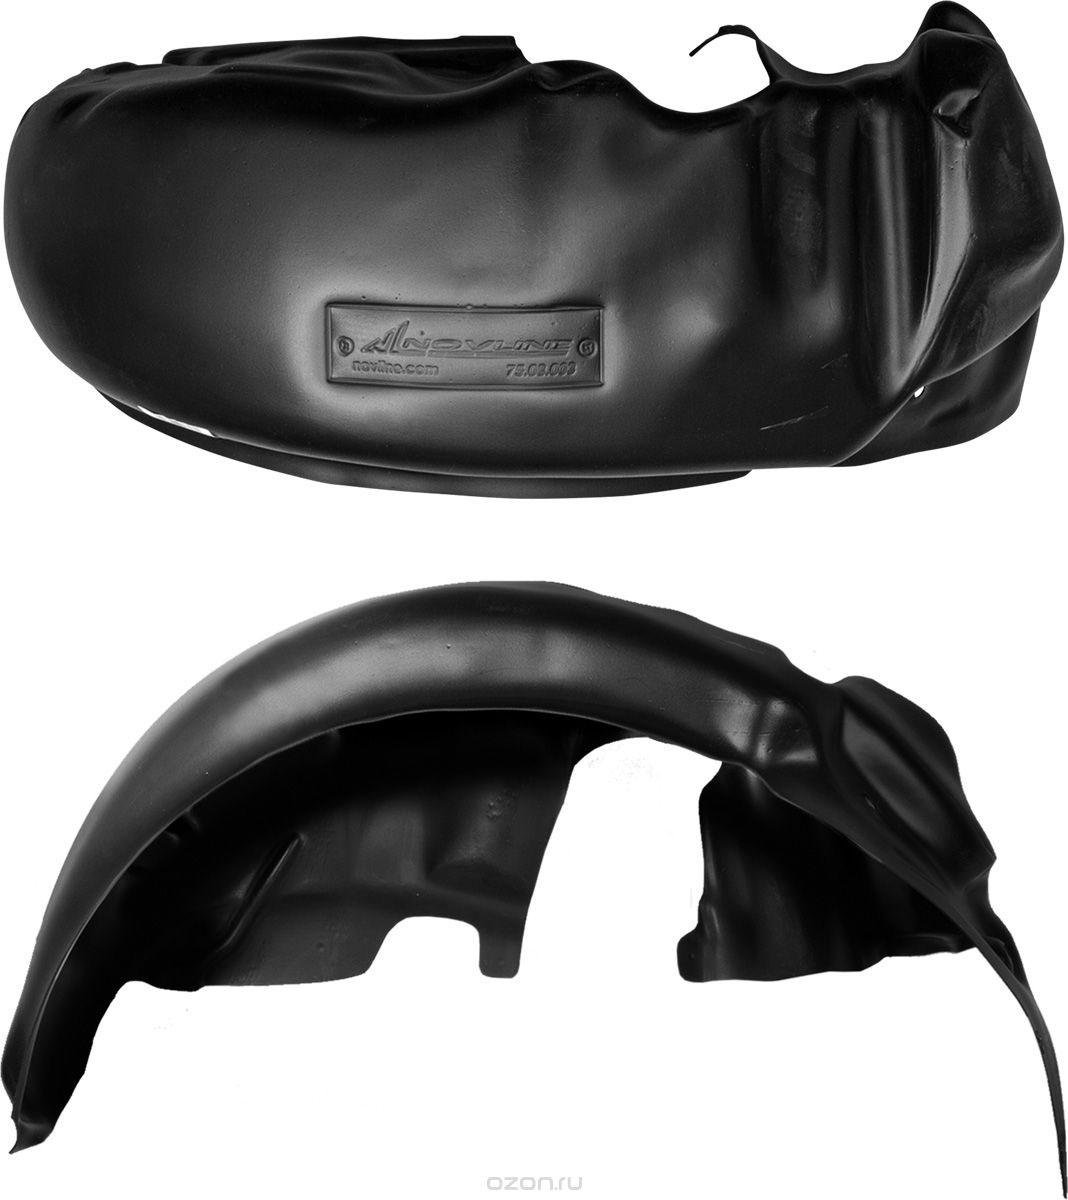 Подкрылок Novline-Autofamily, для Great Wall Wingle 5, 2011->, передний левыйNLL.59.06.001Идеальная защита колесной ниши. Локеры разработаны с применением цифровых технологий, гарантируют максимальную повторяемость поверхности арки. Изделия устанавливаются без нарушения лакокрасочного покрытия автомобиля, каждый подкрылок комплектуется крепежом. Уважаемые клиенты, обращаем ваше внимание, что фотографии на подкрылки универсальные и не отражают реальную форму изделия. При этом само изделие идет точно под размер указанного автомобиля.